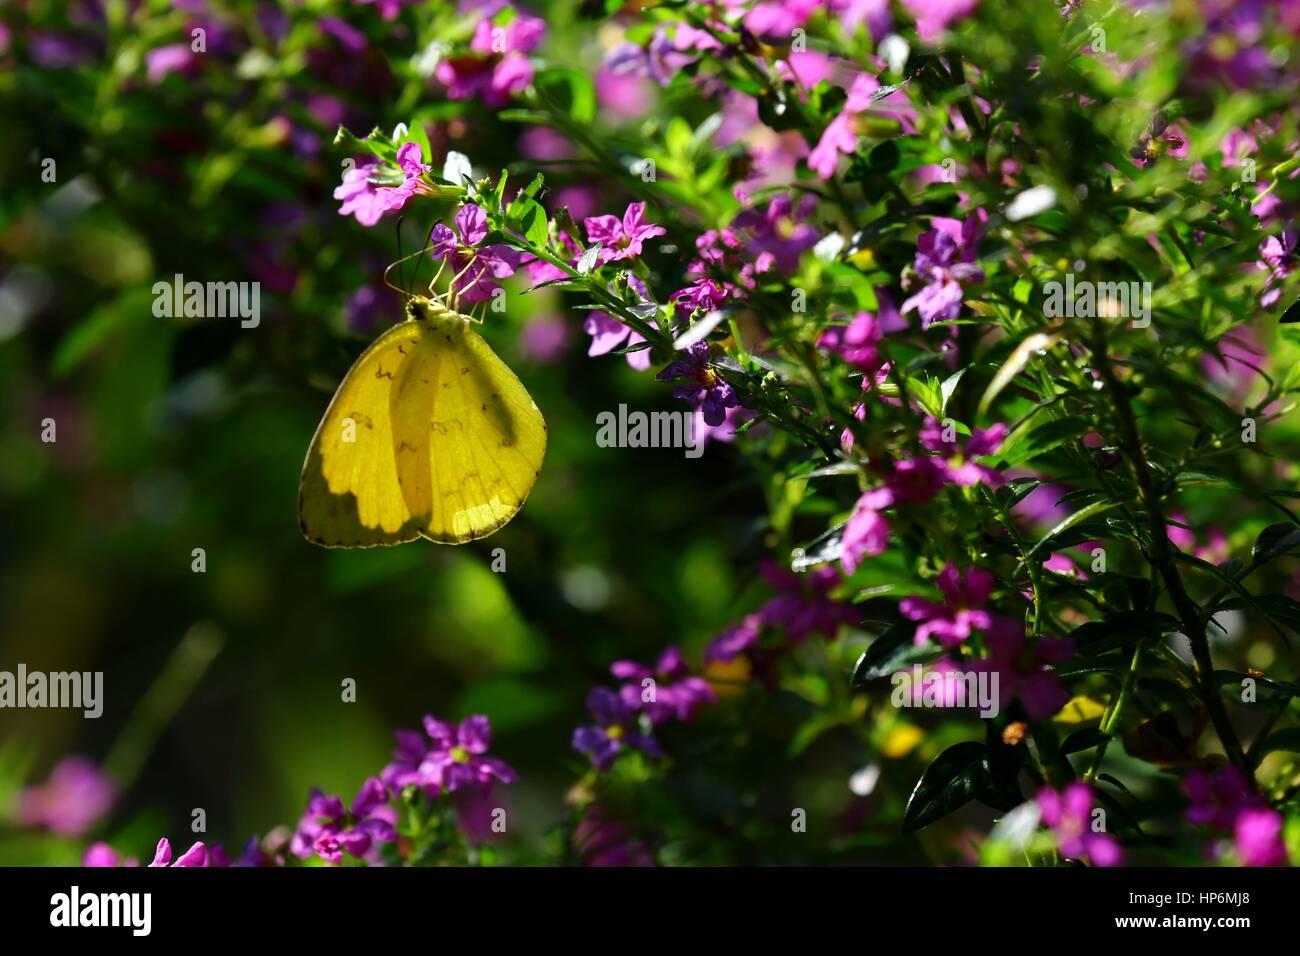 Conjuntos de mariposas en flor bebiendo néctar Foto de stock